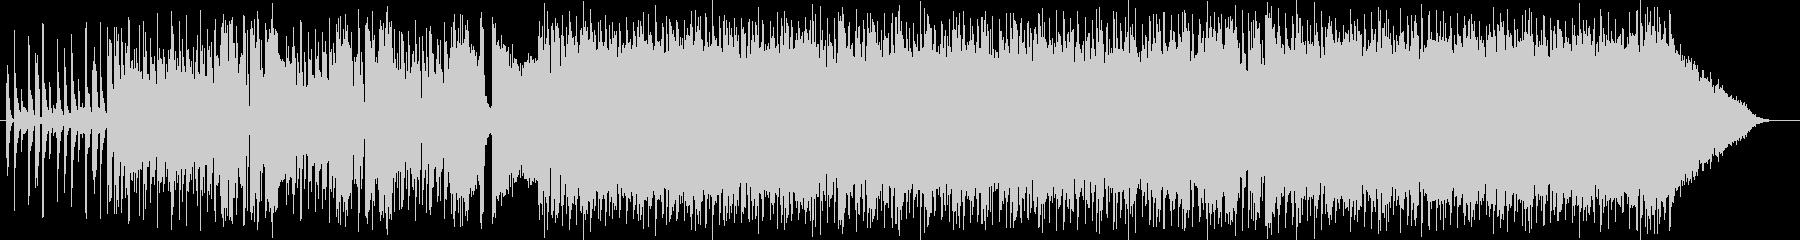 ワイルドでクールなエレキロックサウンドの未再生の波形